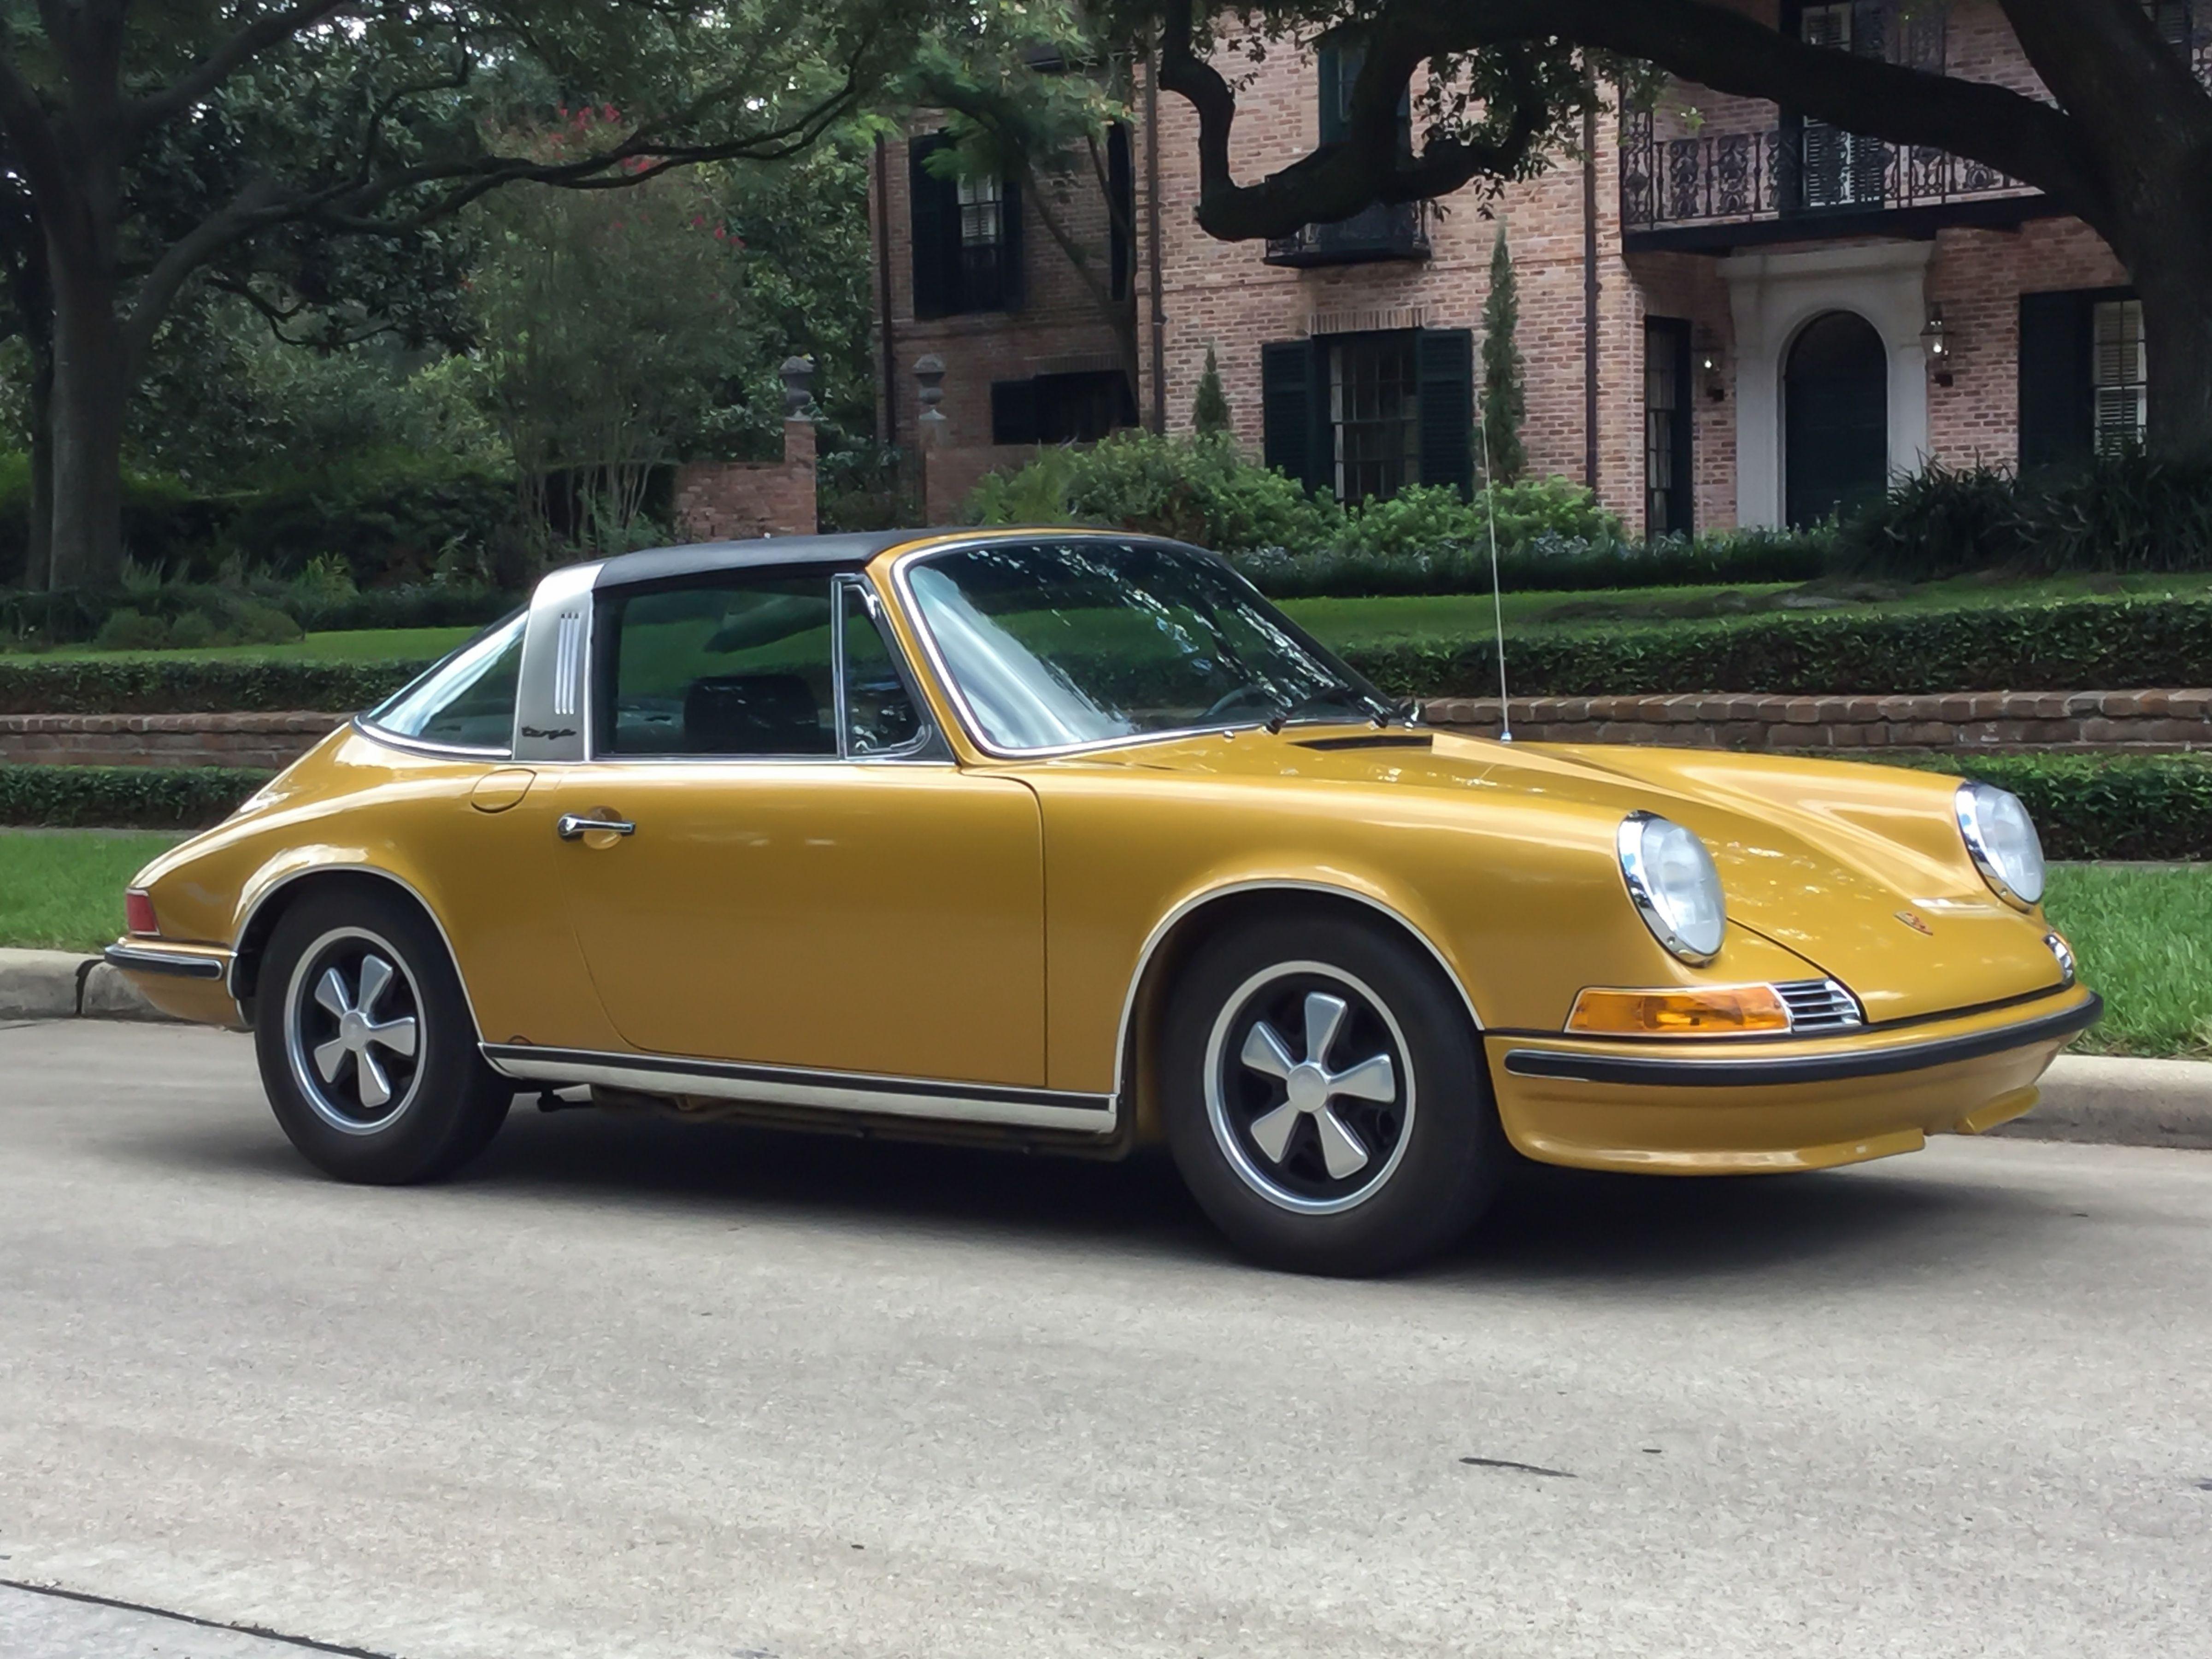 1972 Porsche 911S Targa 2.7l